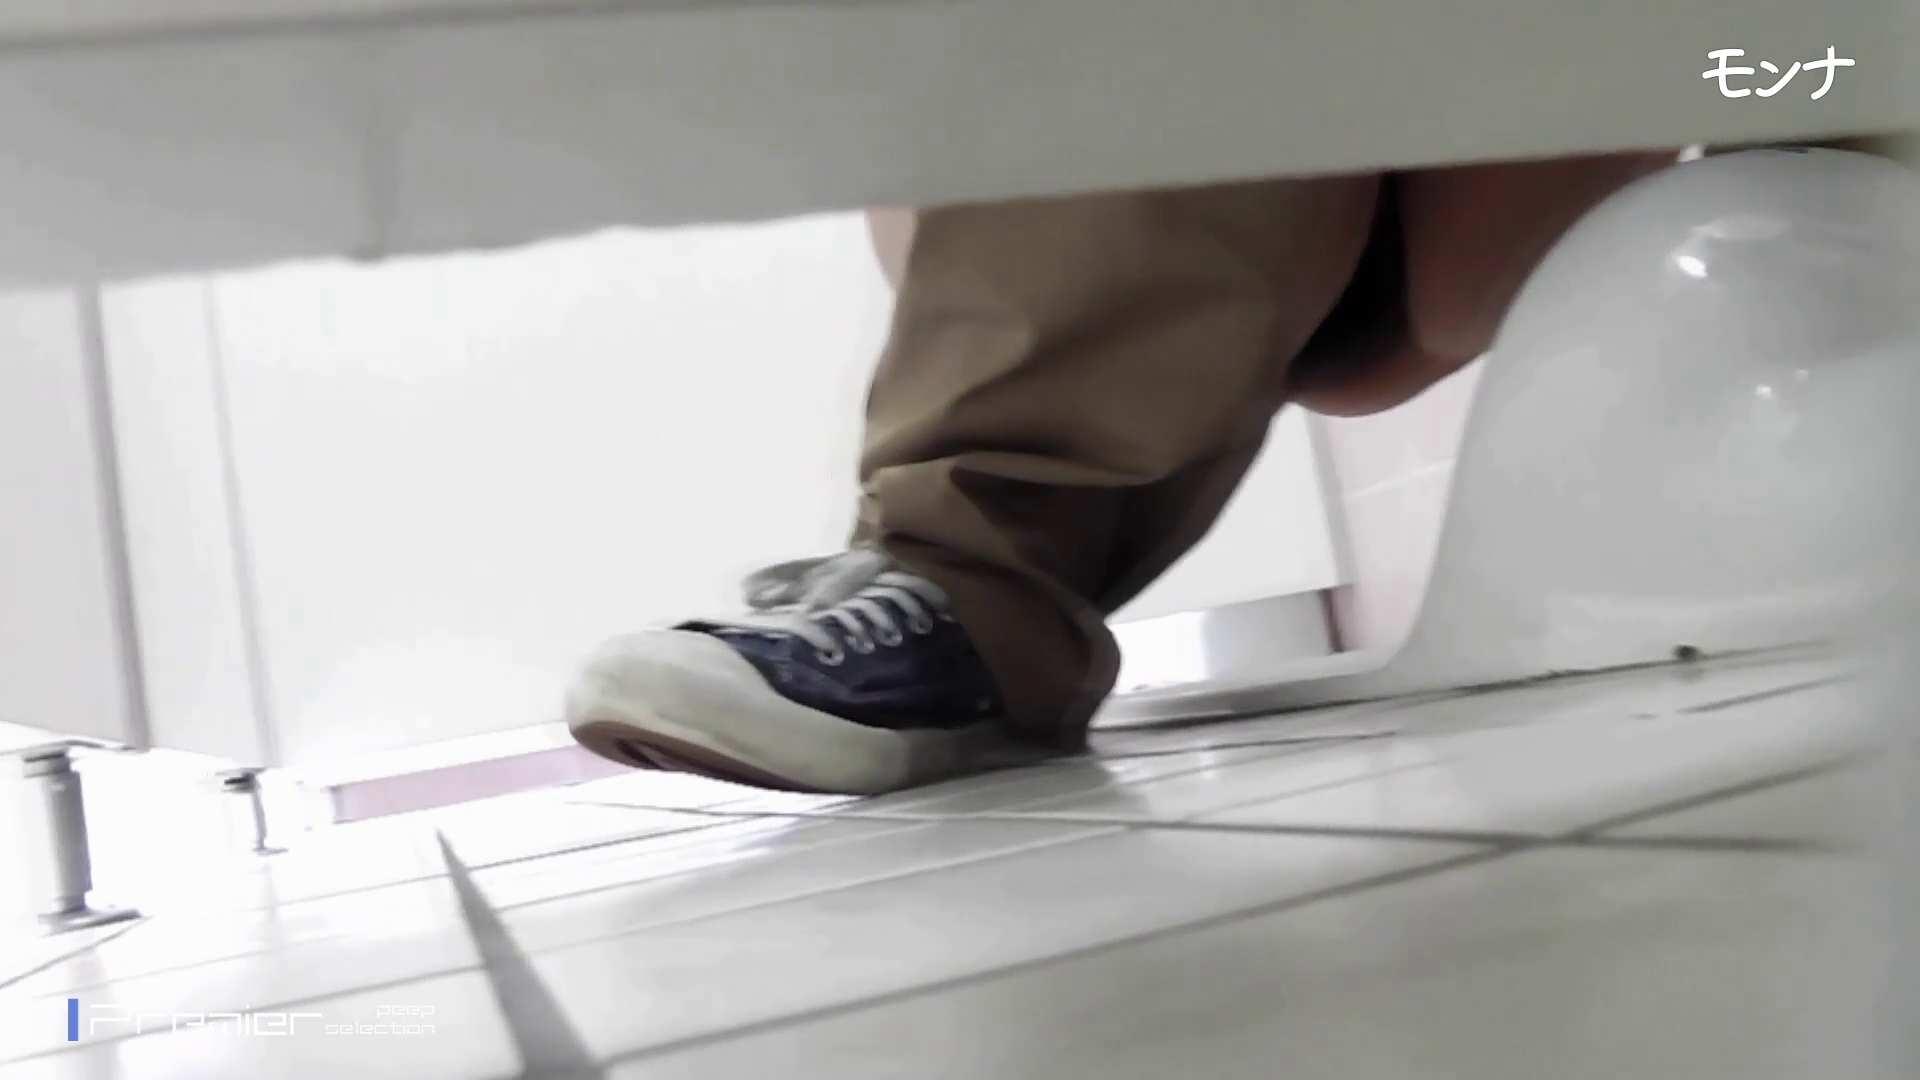 美しい日本の未来 No.75 たまらないくびれ 2 生え茂る トイレ流出  93連発 45